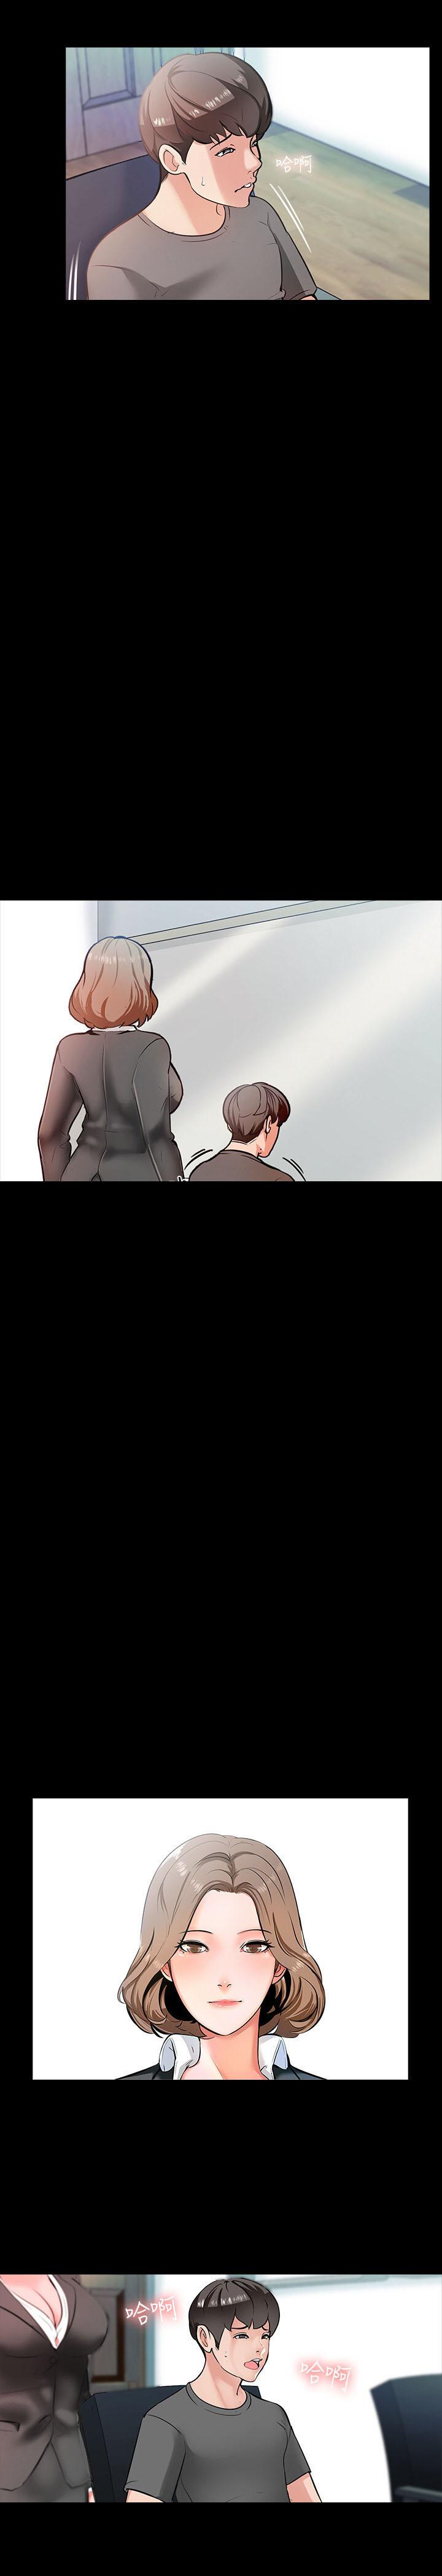 《特殊奖励》漫画&韩漫 全文免费阅读